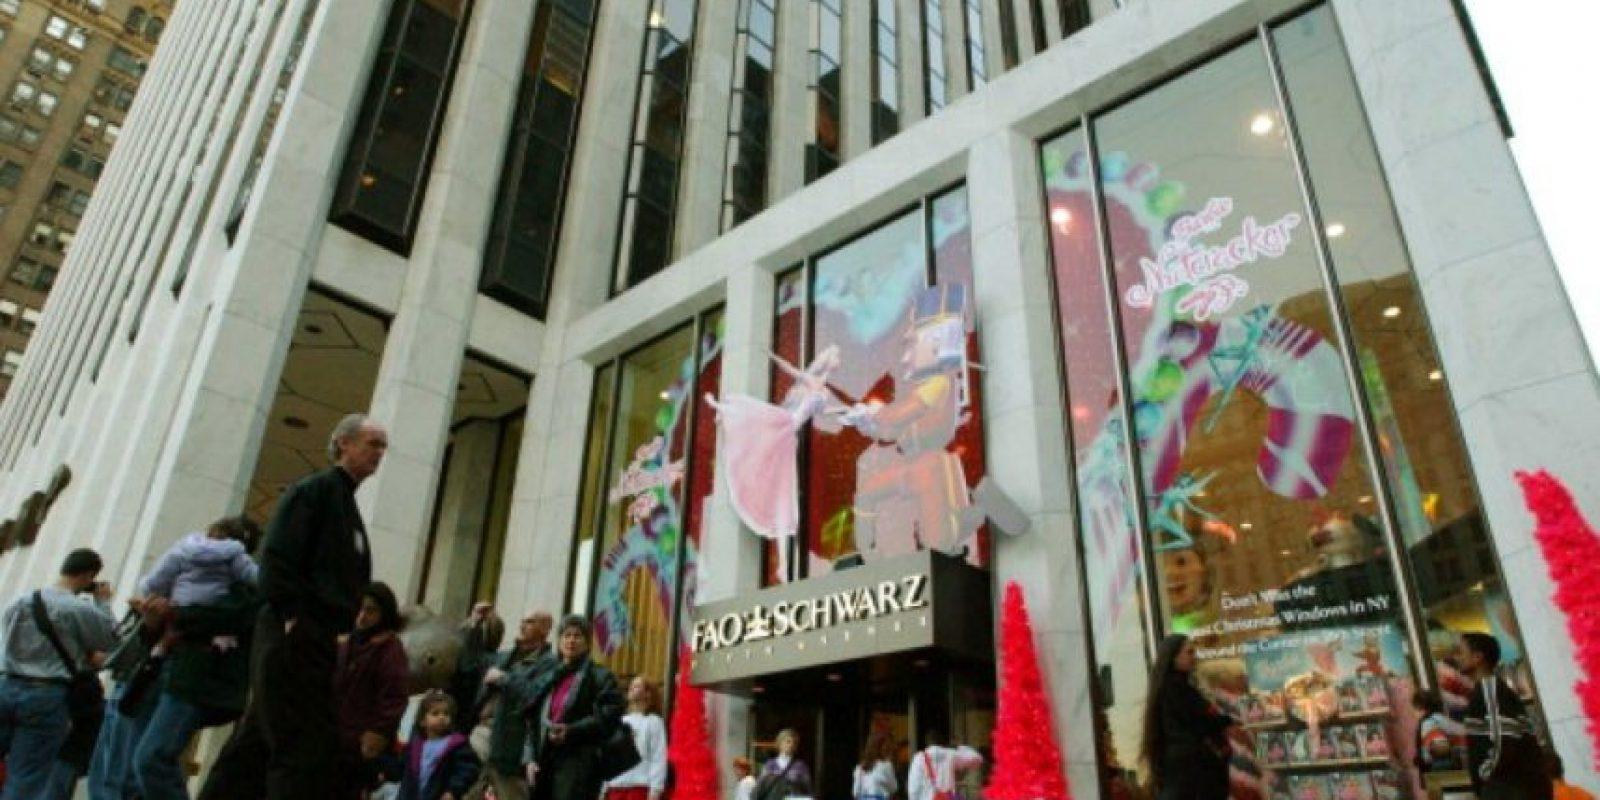 El que quisiera llevarse un souvenir de Nueva York debía llevarse un peluche de la Fao Schwarz. Foto:vía Getty Images